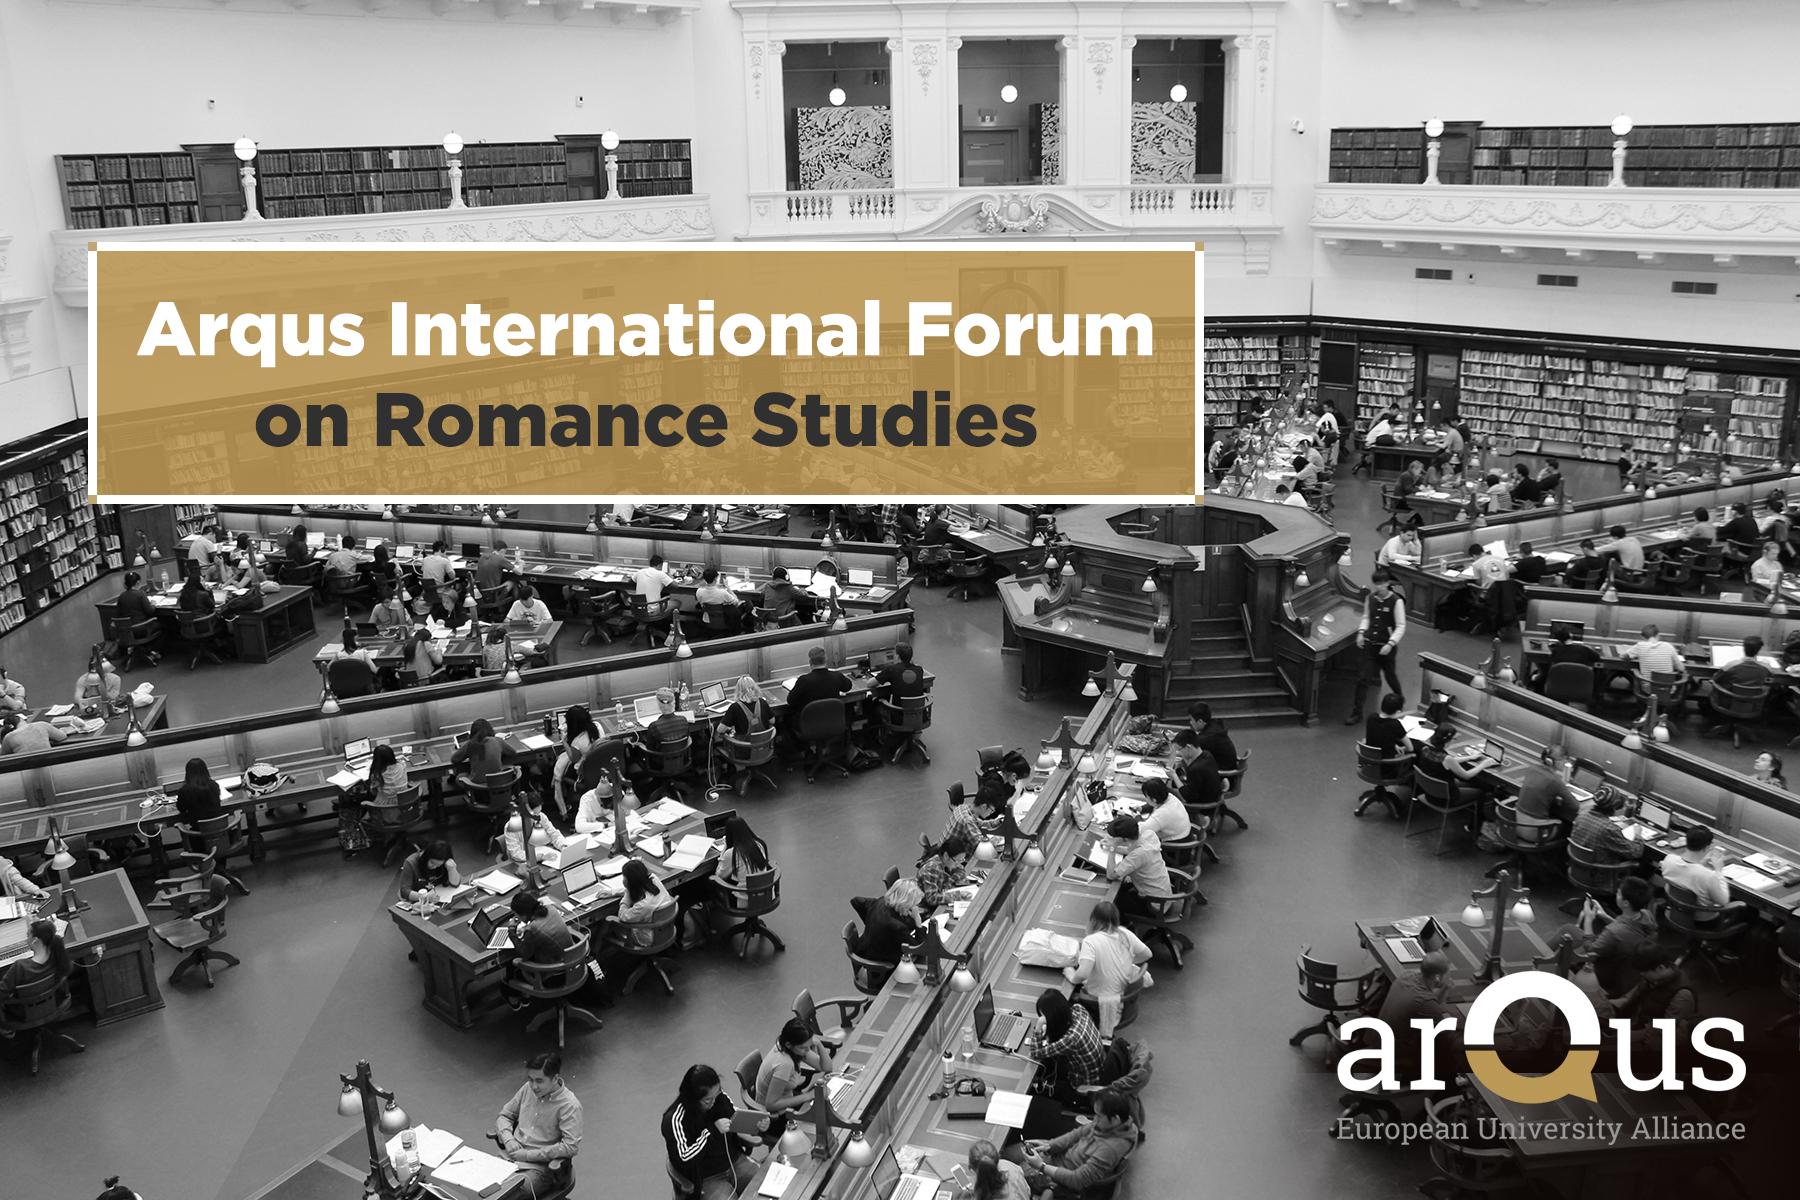 Profesores de la UGR crean una red internacional de investigación destinada a promover el estudio de las lenguas y las literaturas románicas